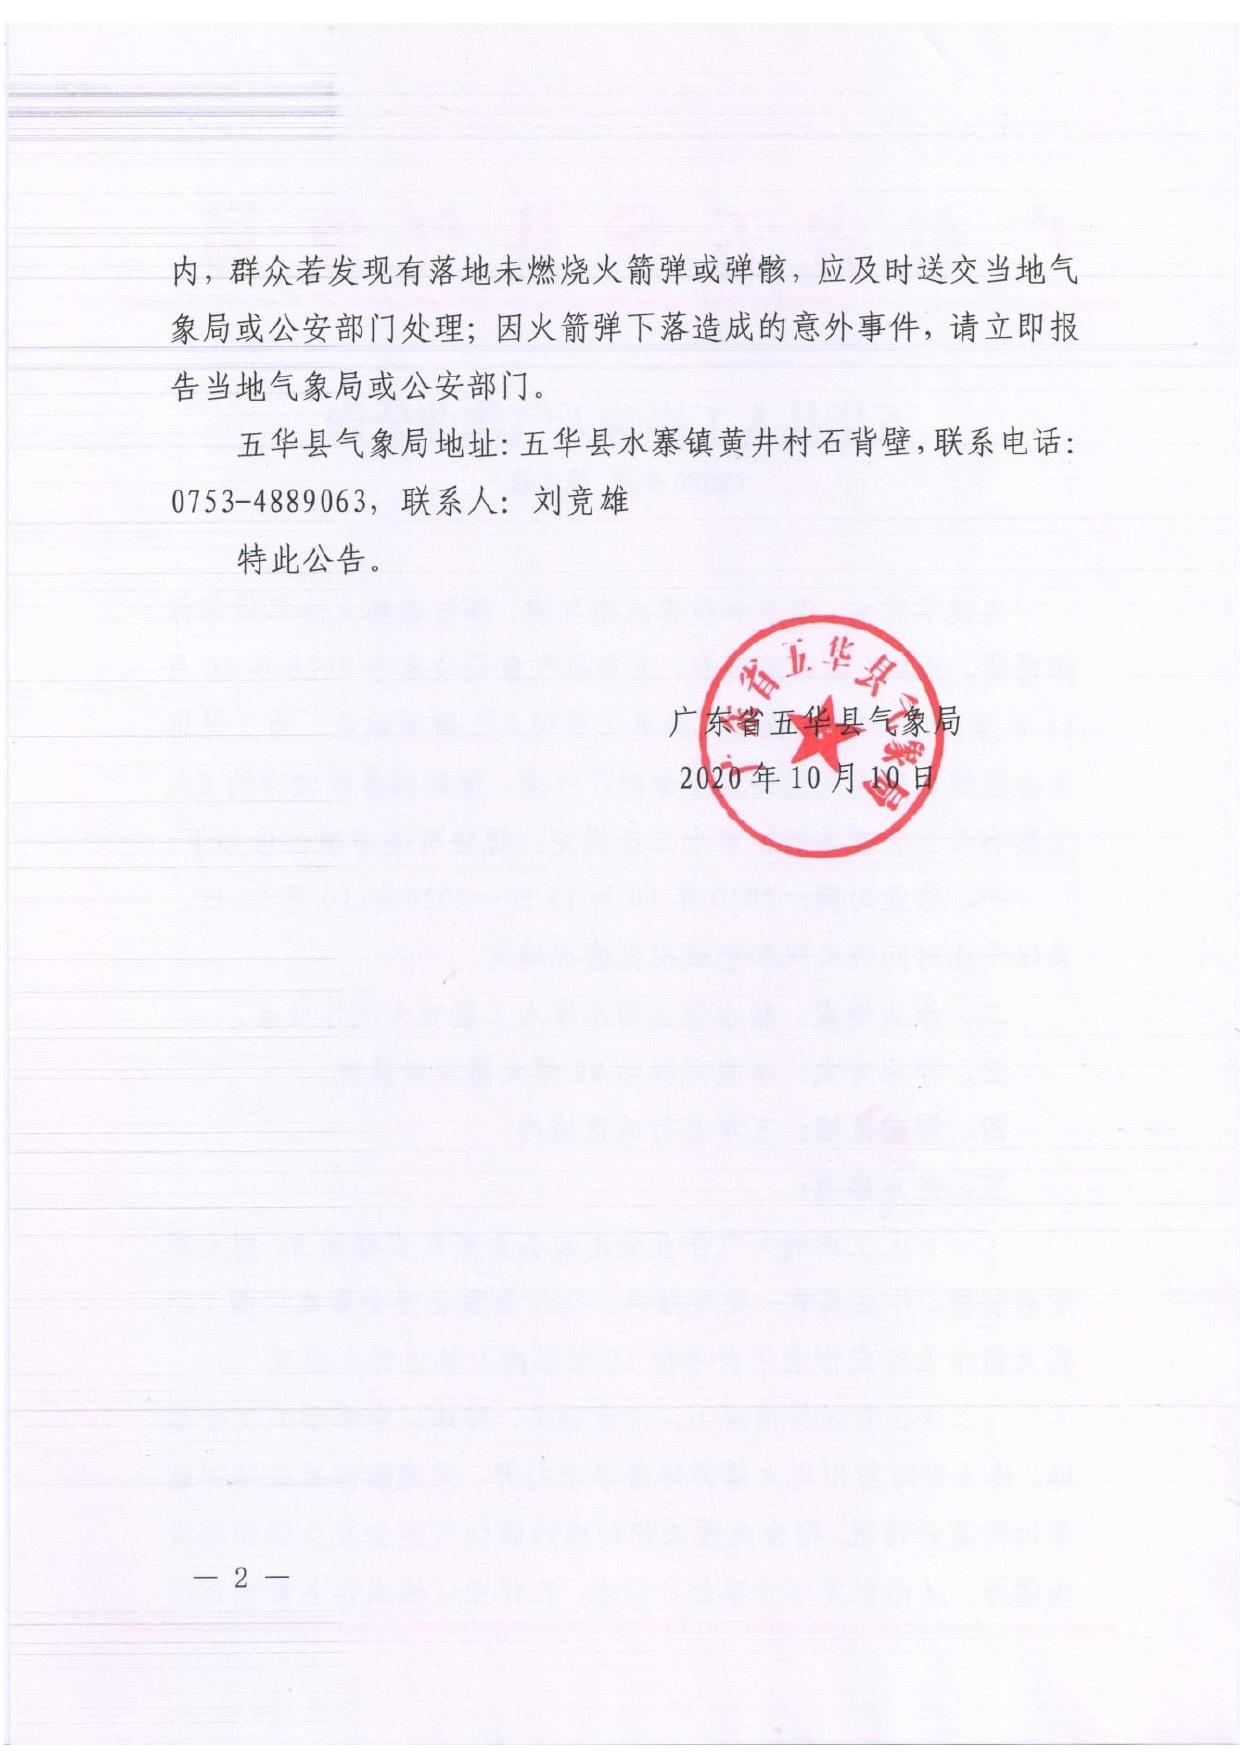 五华县人工影响天气作业公告2020 (第2期)0001.jpg